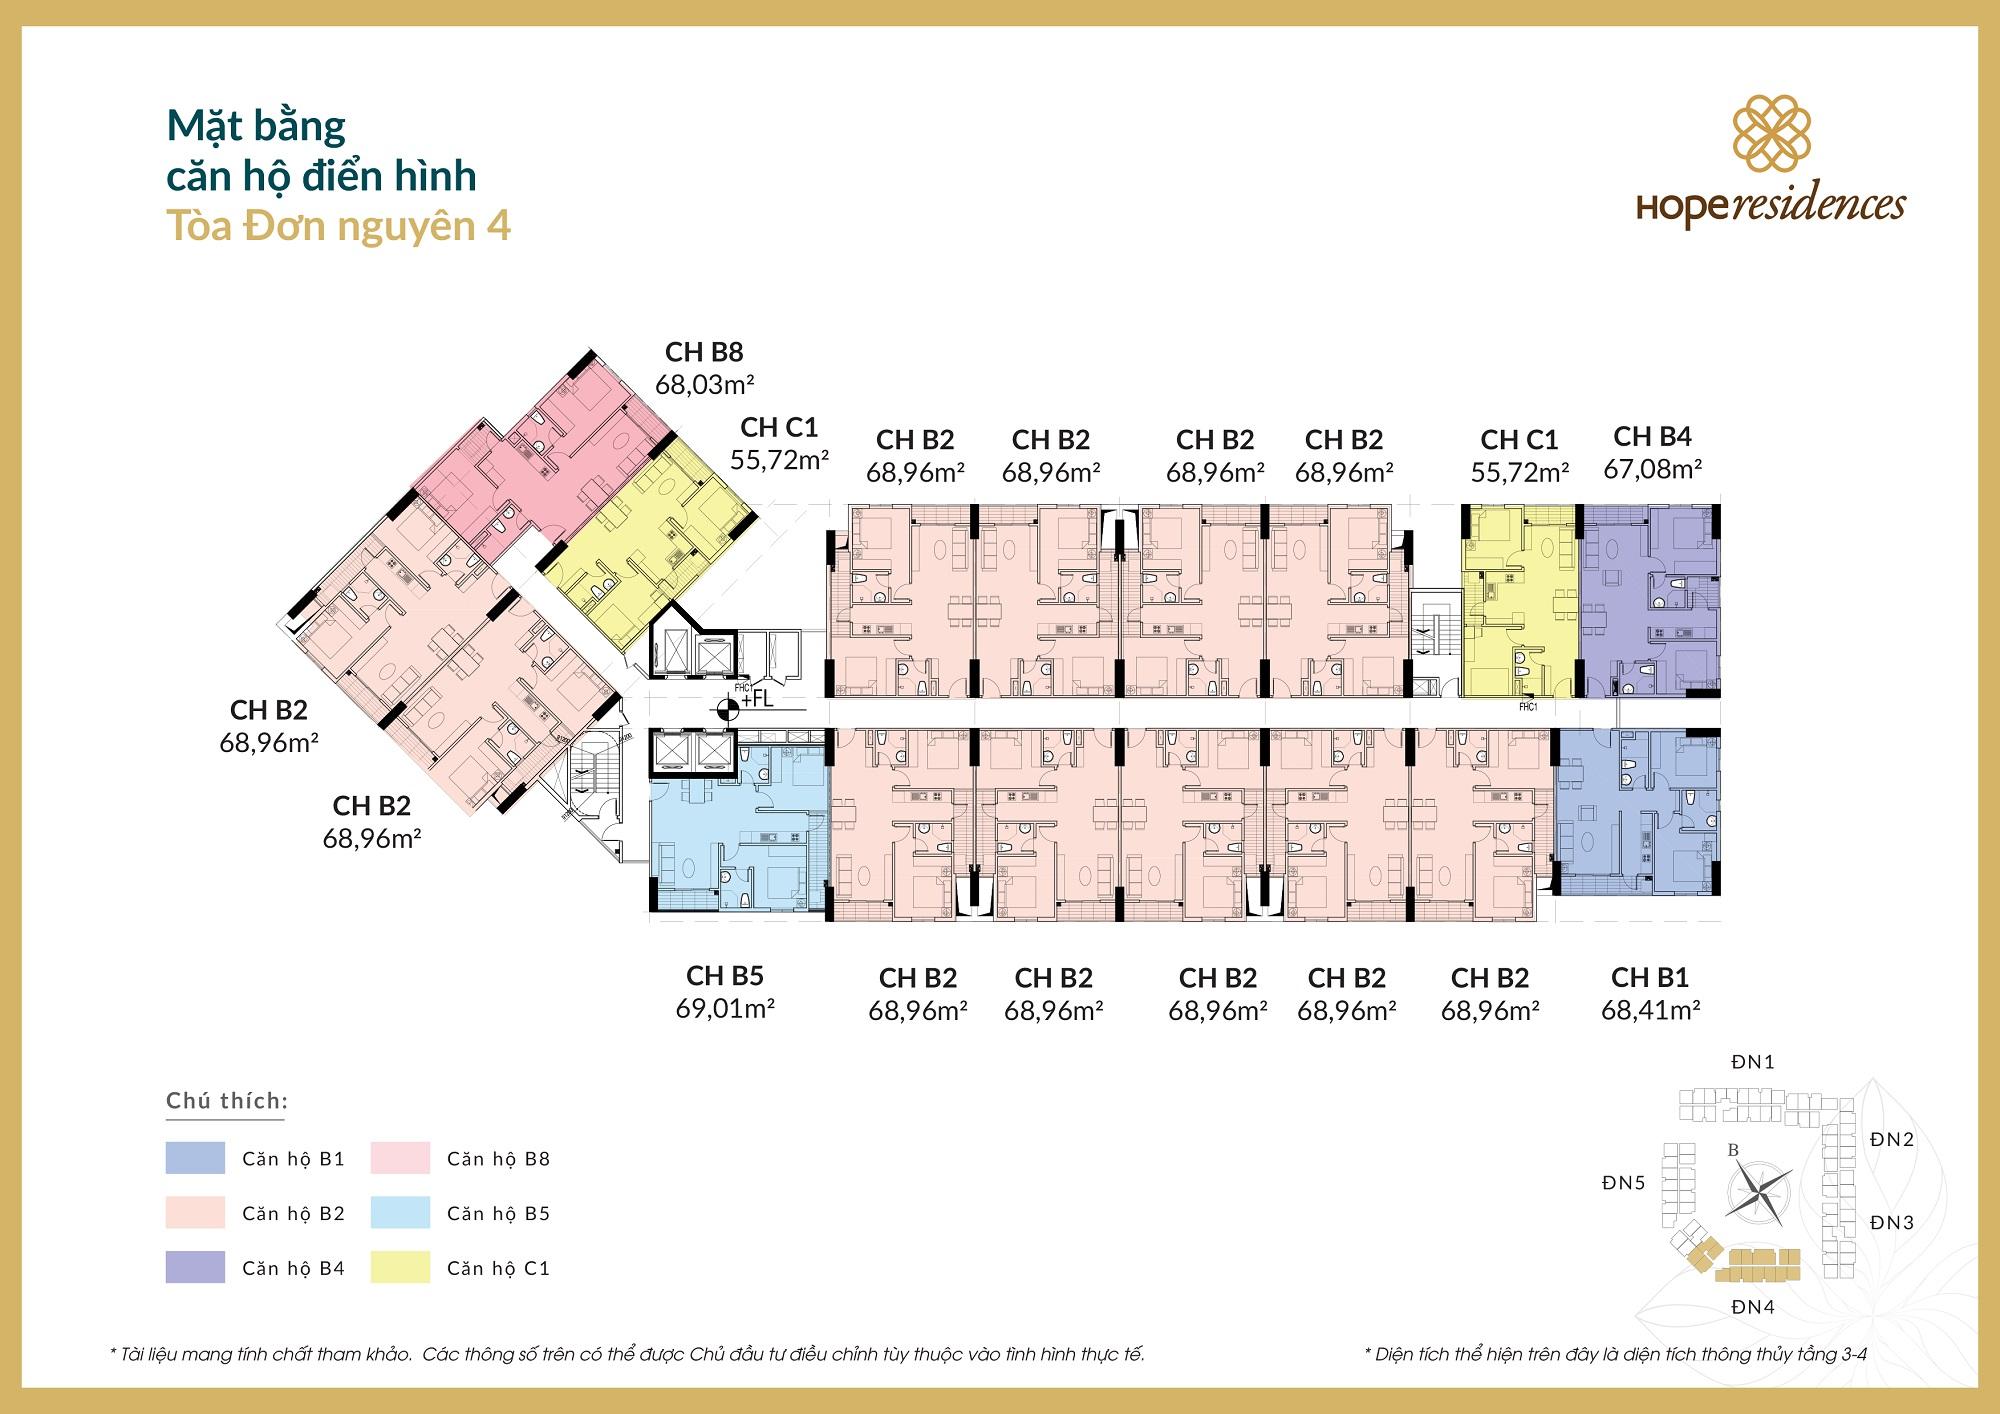 Mặt bằng tầng điển hình đơn nguyên 4 dự án căn hộ Hope Residences Long Biên